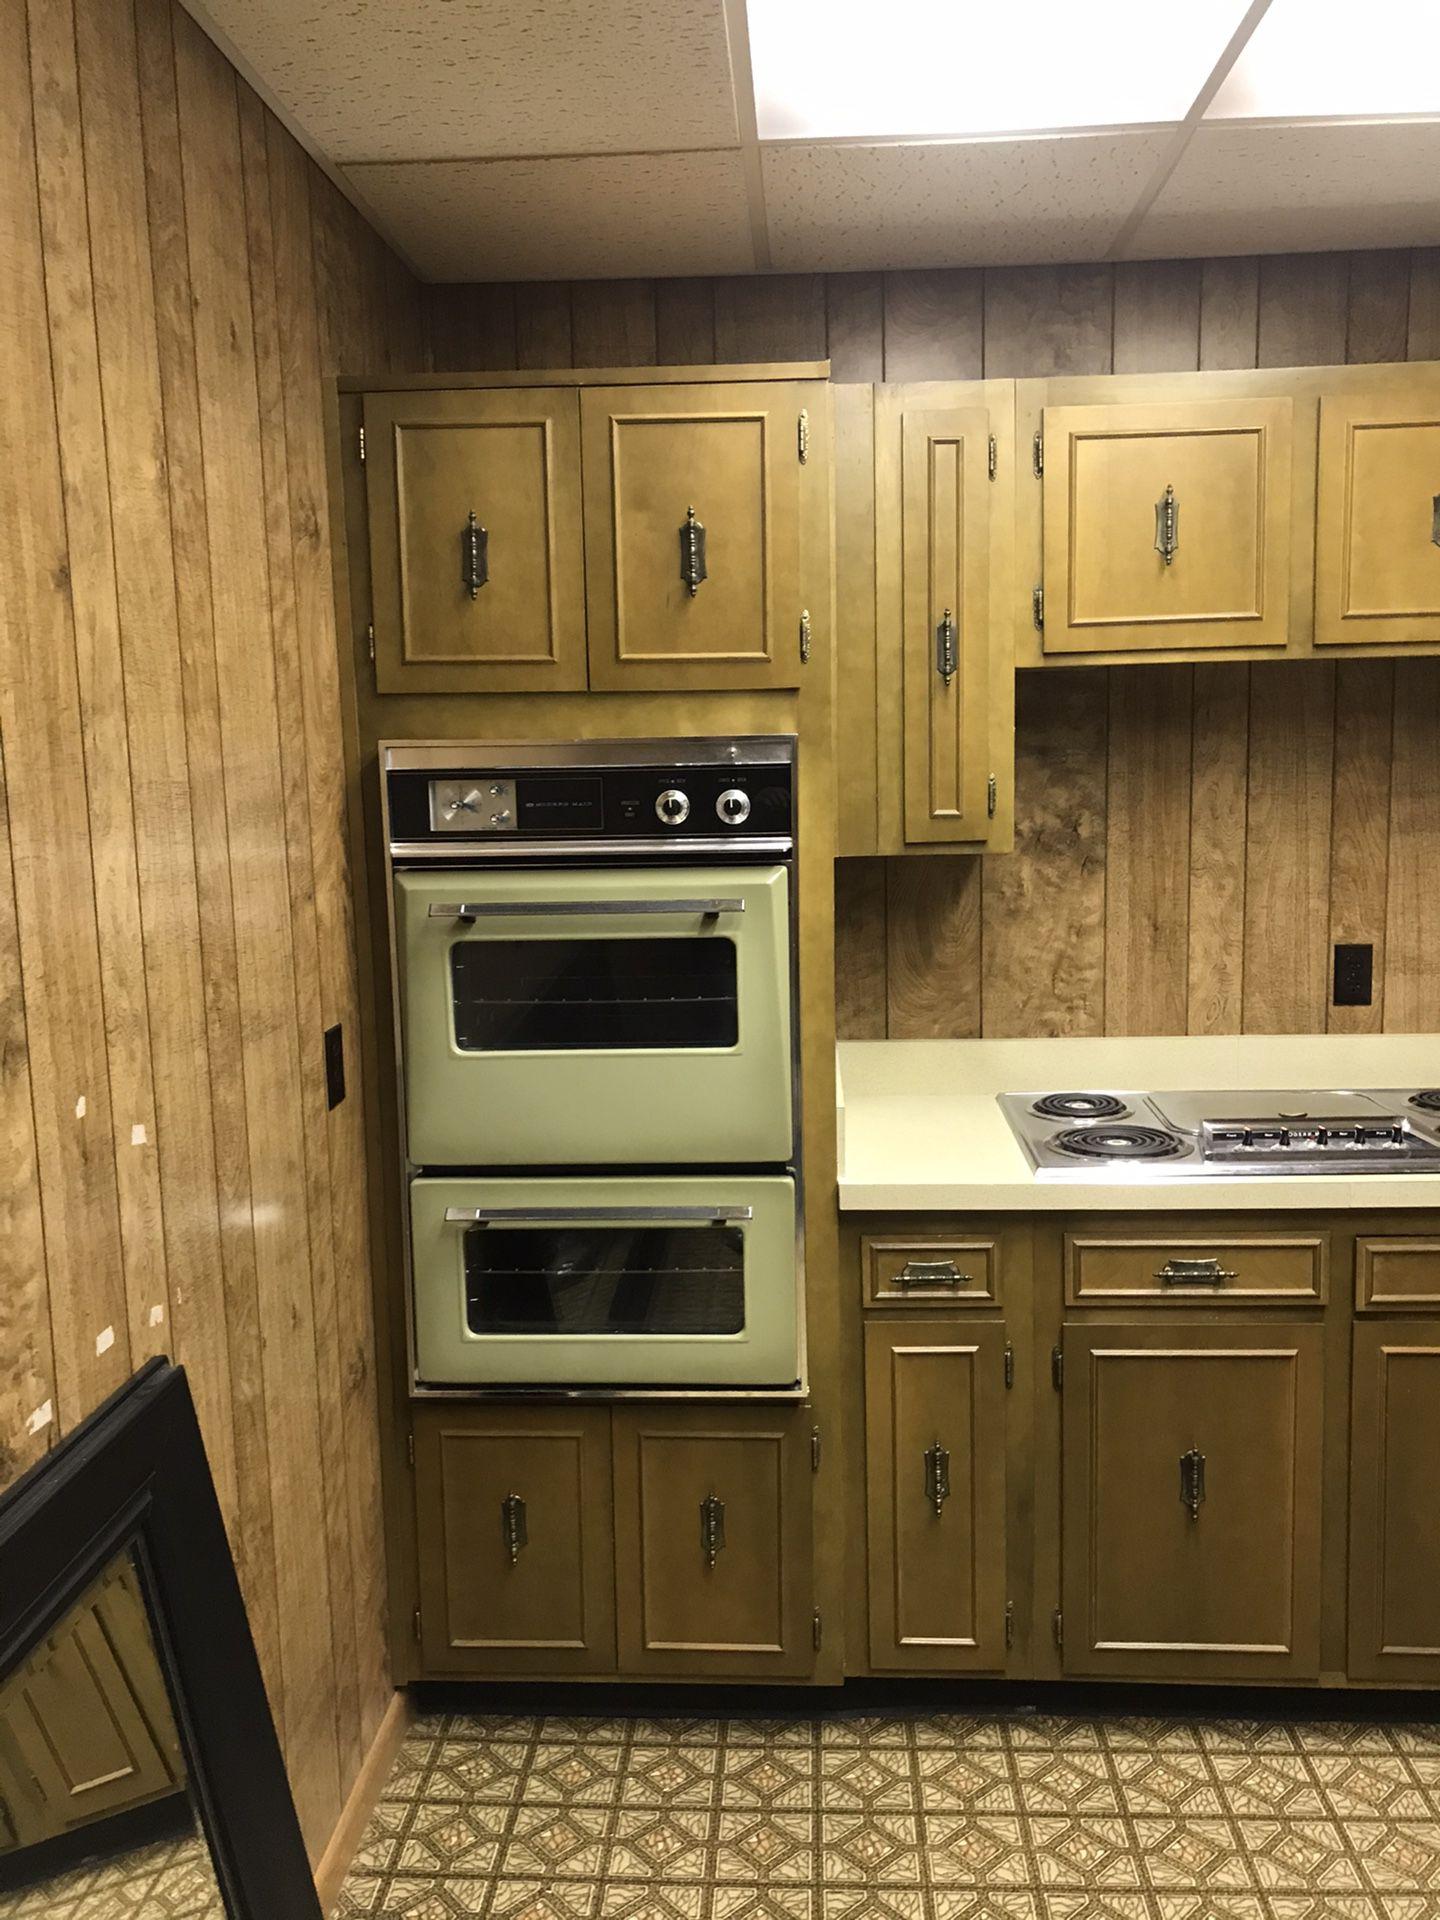 Entire kitchen cabinet set